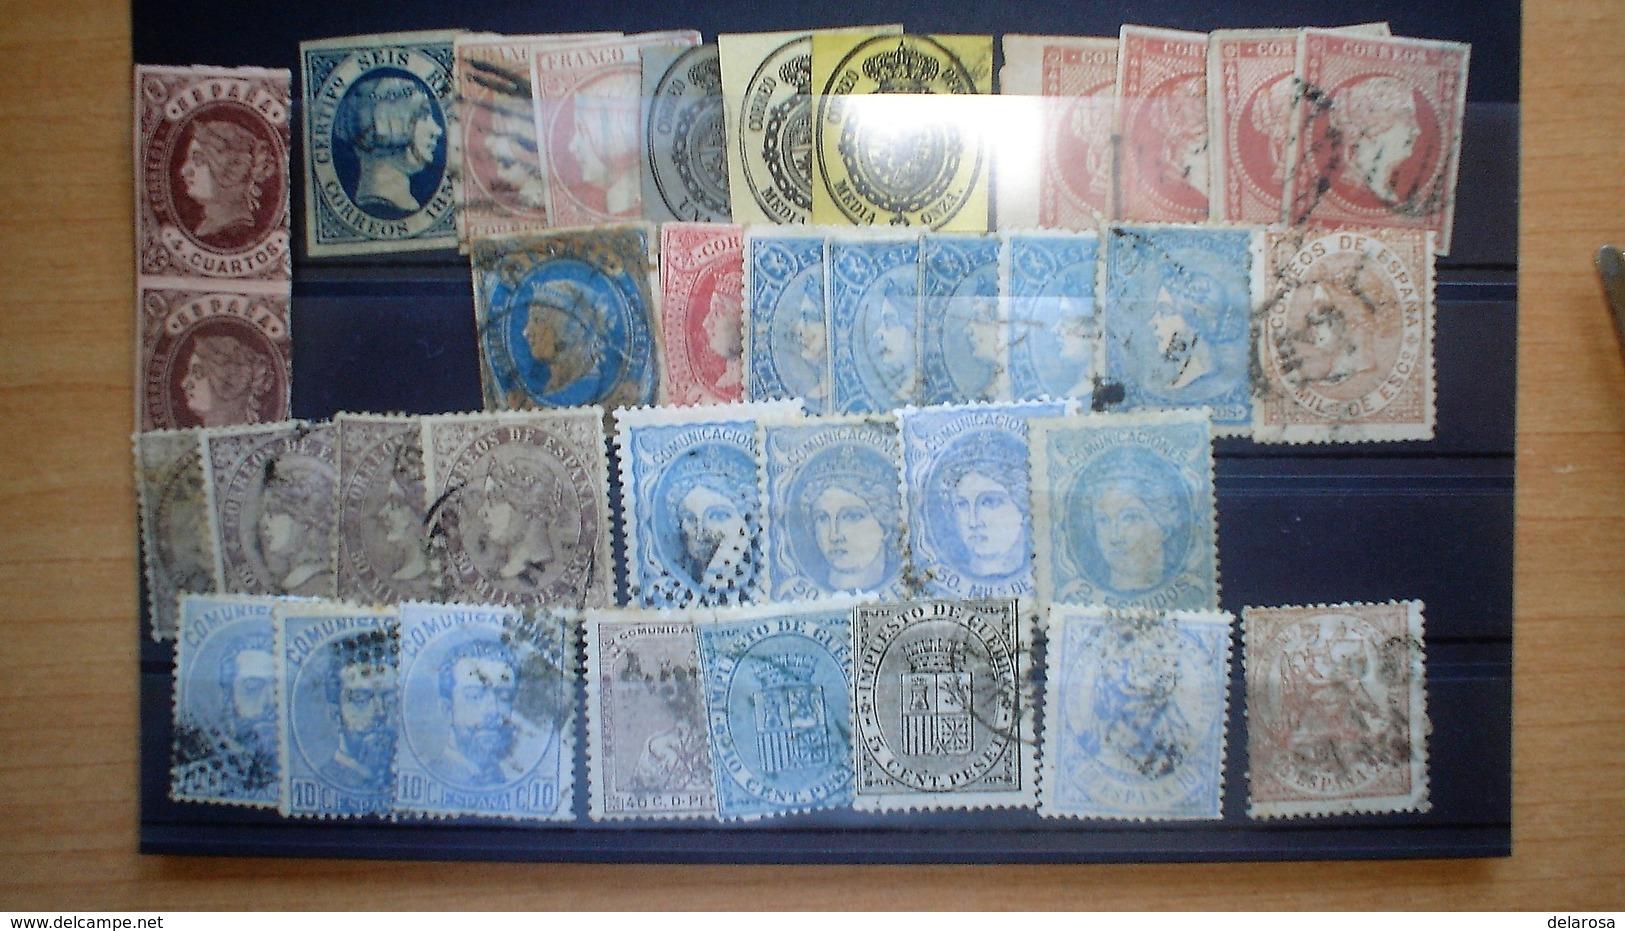 Sellos Usados Y Mataselladosdesde 1850 A 1870 - 1850-68 Königreich: Isabella II.